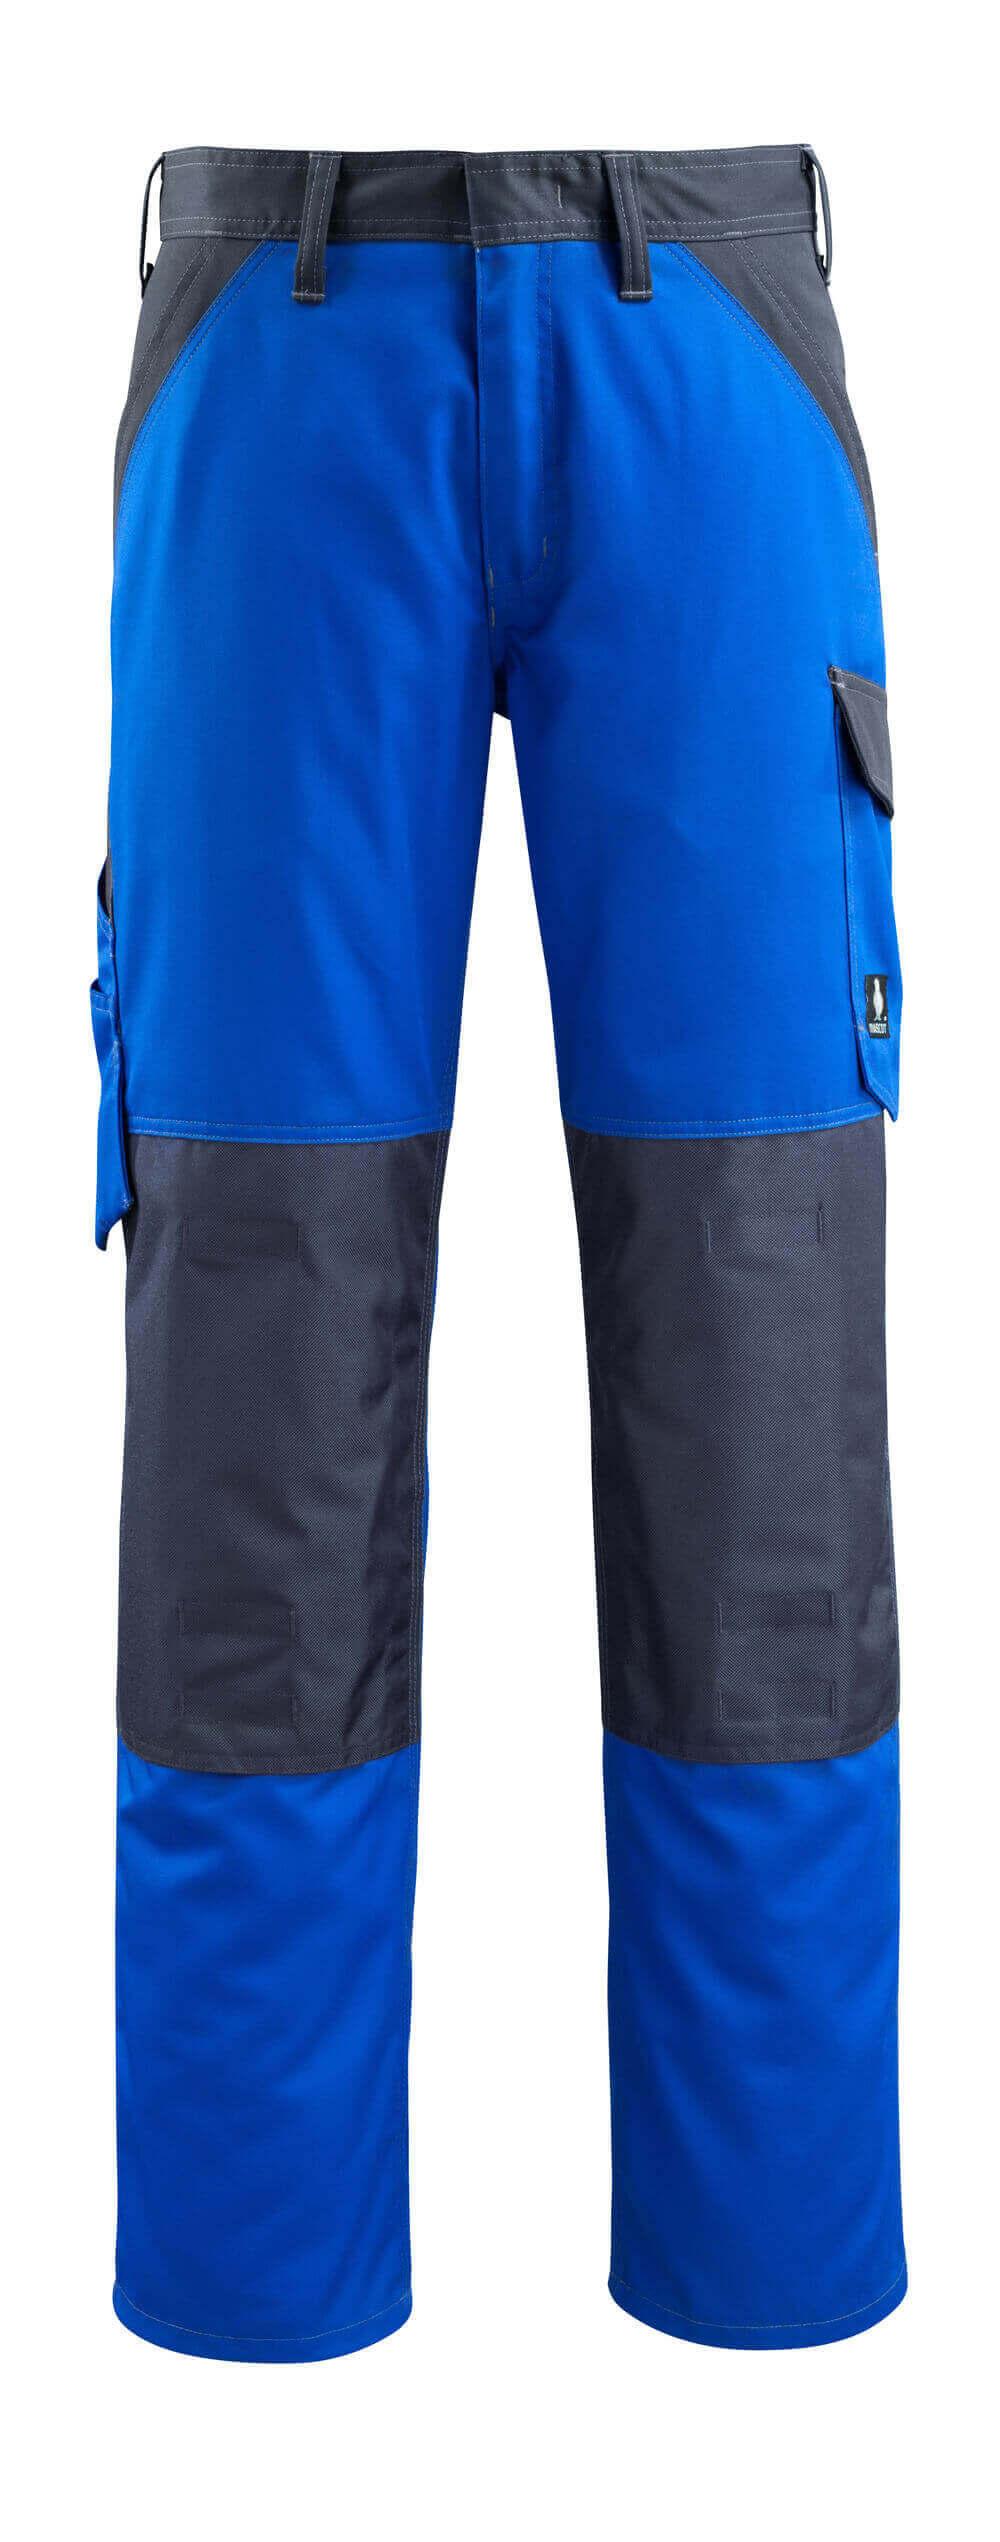 15779-330-11010 Pantalones con bolsillos para rodilleras - azul real/azul marino oscuro